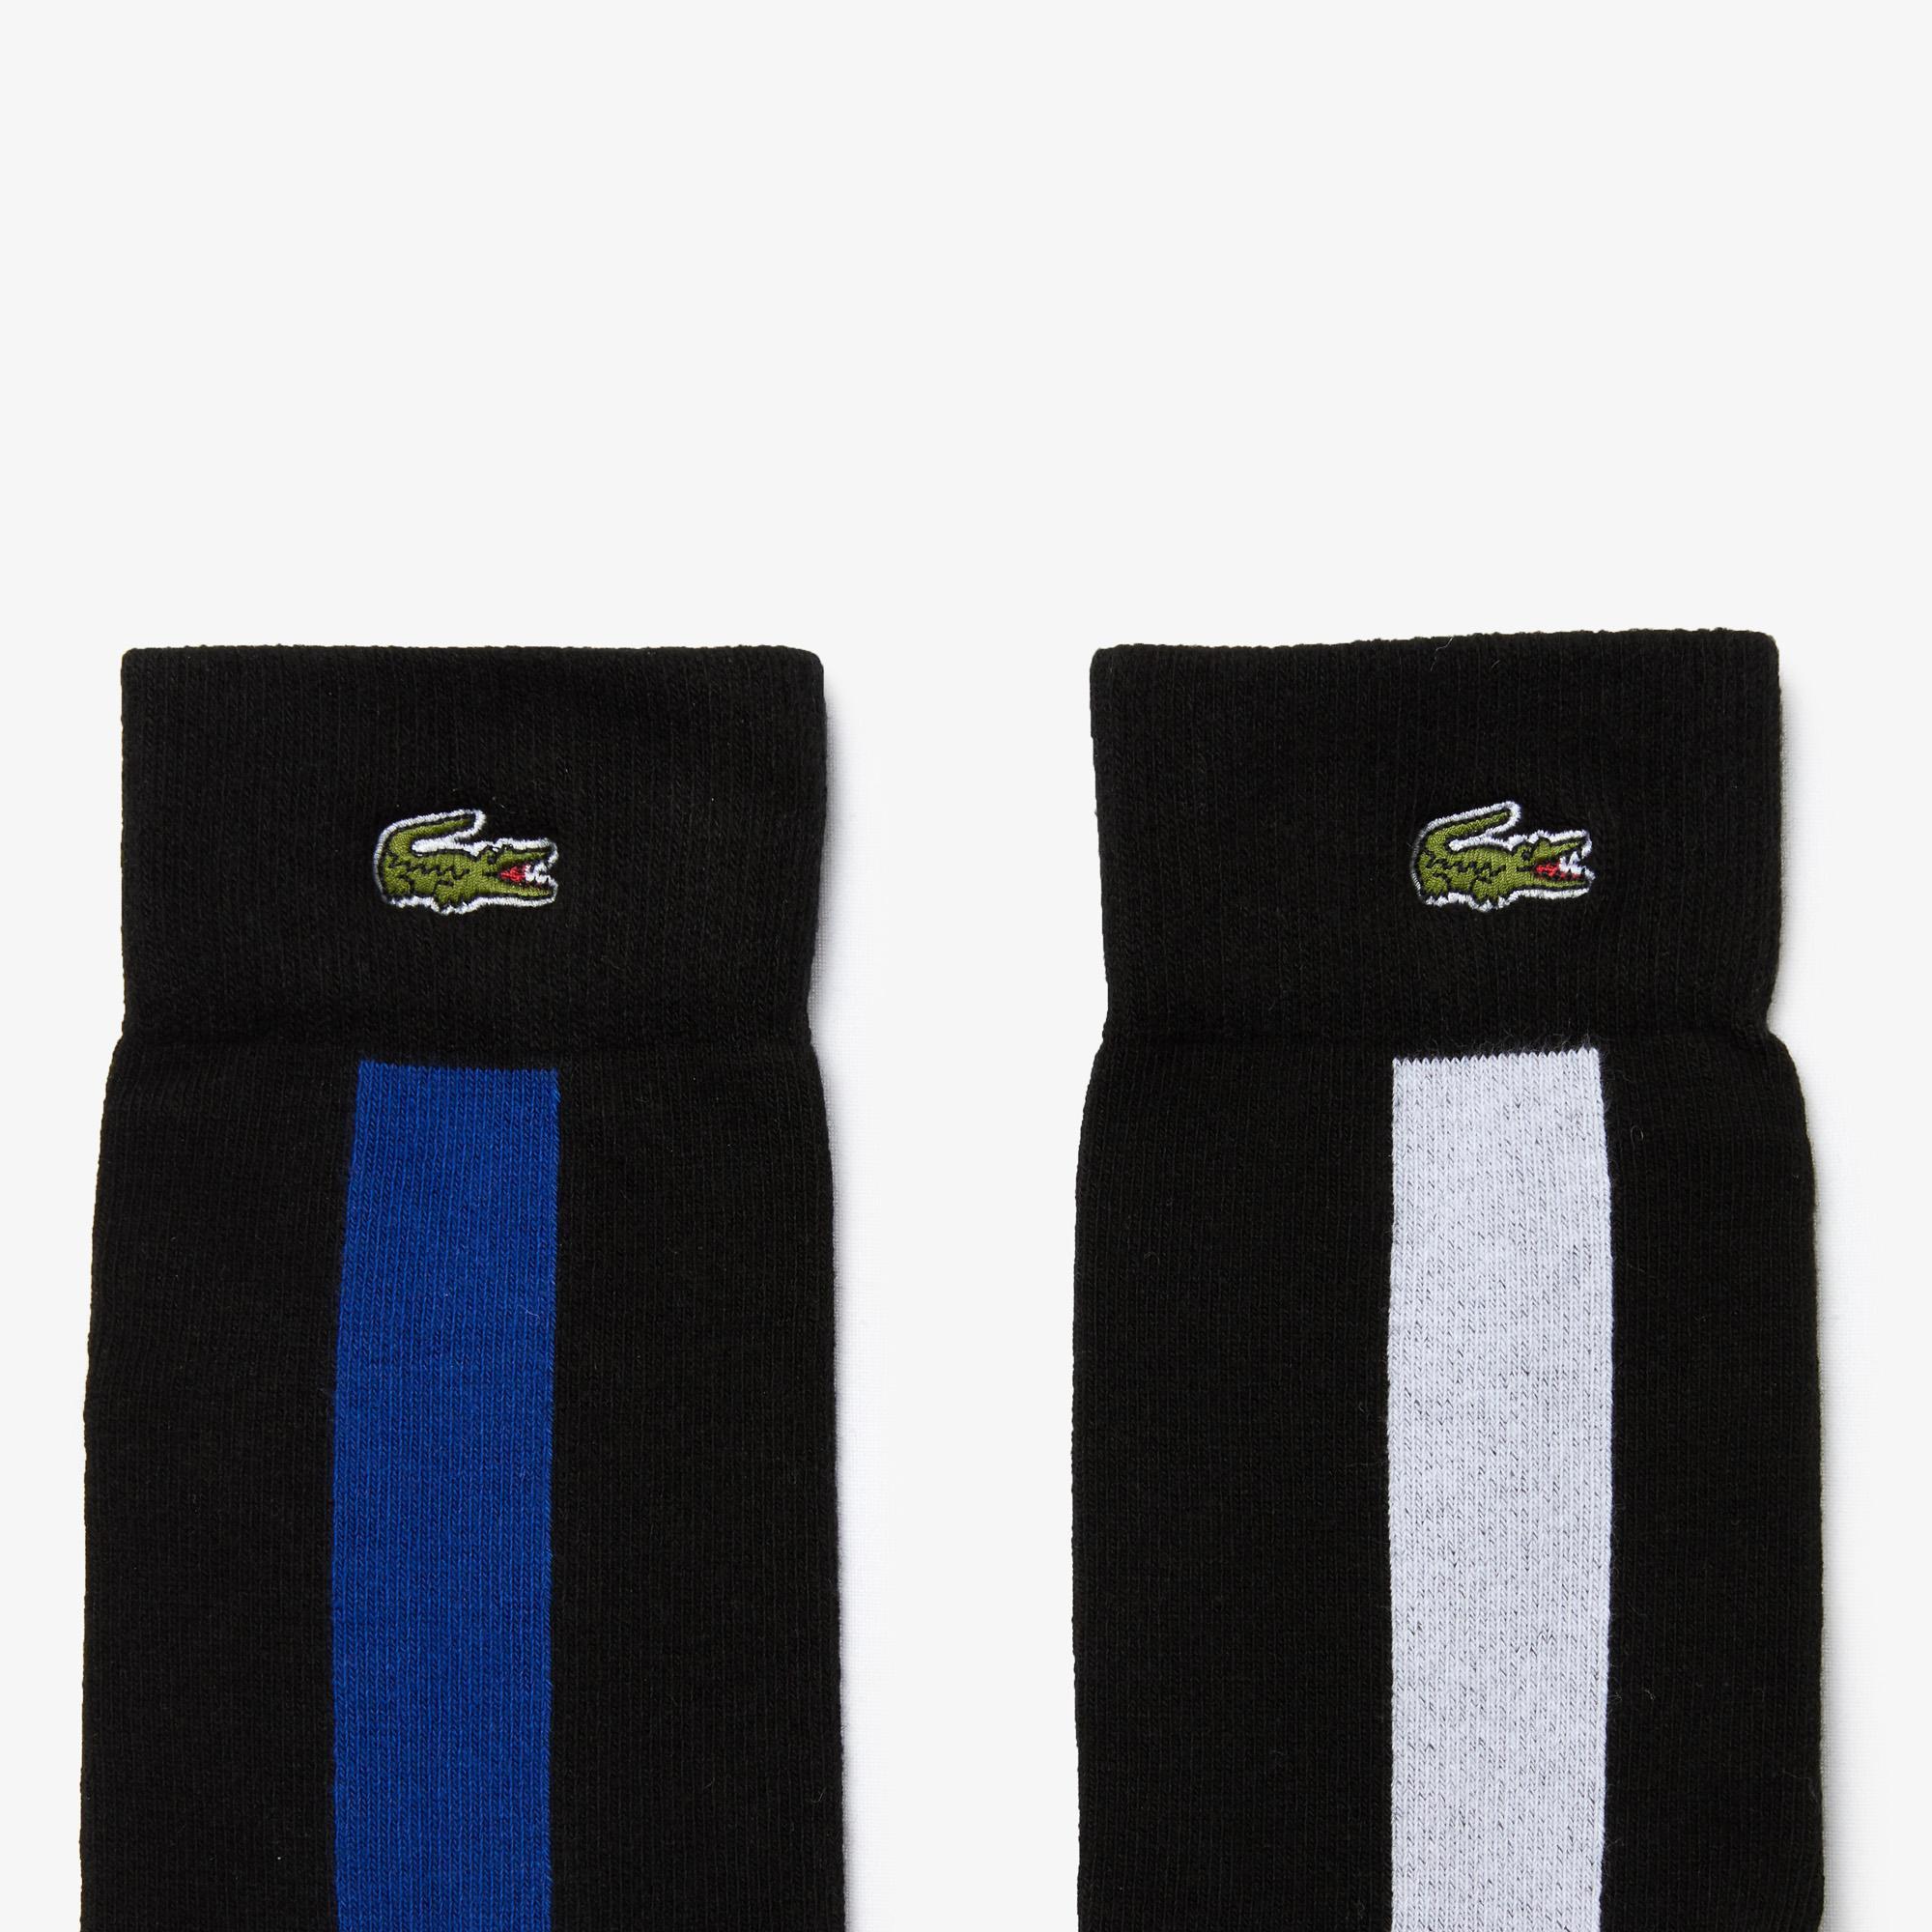 Lacoste Sport Unisex Blok Desenli Uzun Siyah Çorap